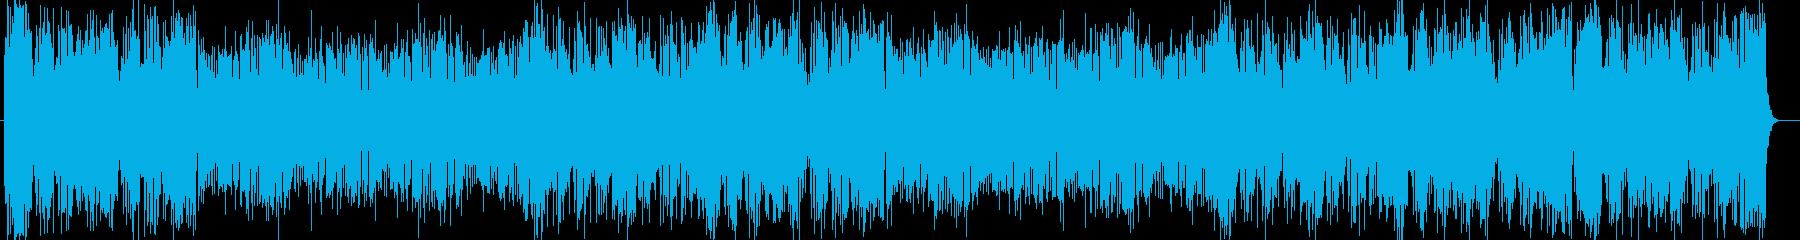 爽やかなシンセ・ドラムなどポップサウンドの再生済みの波形